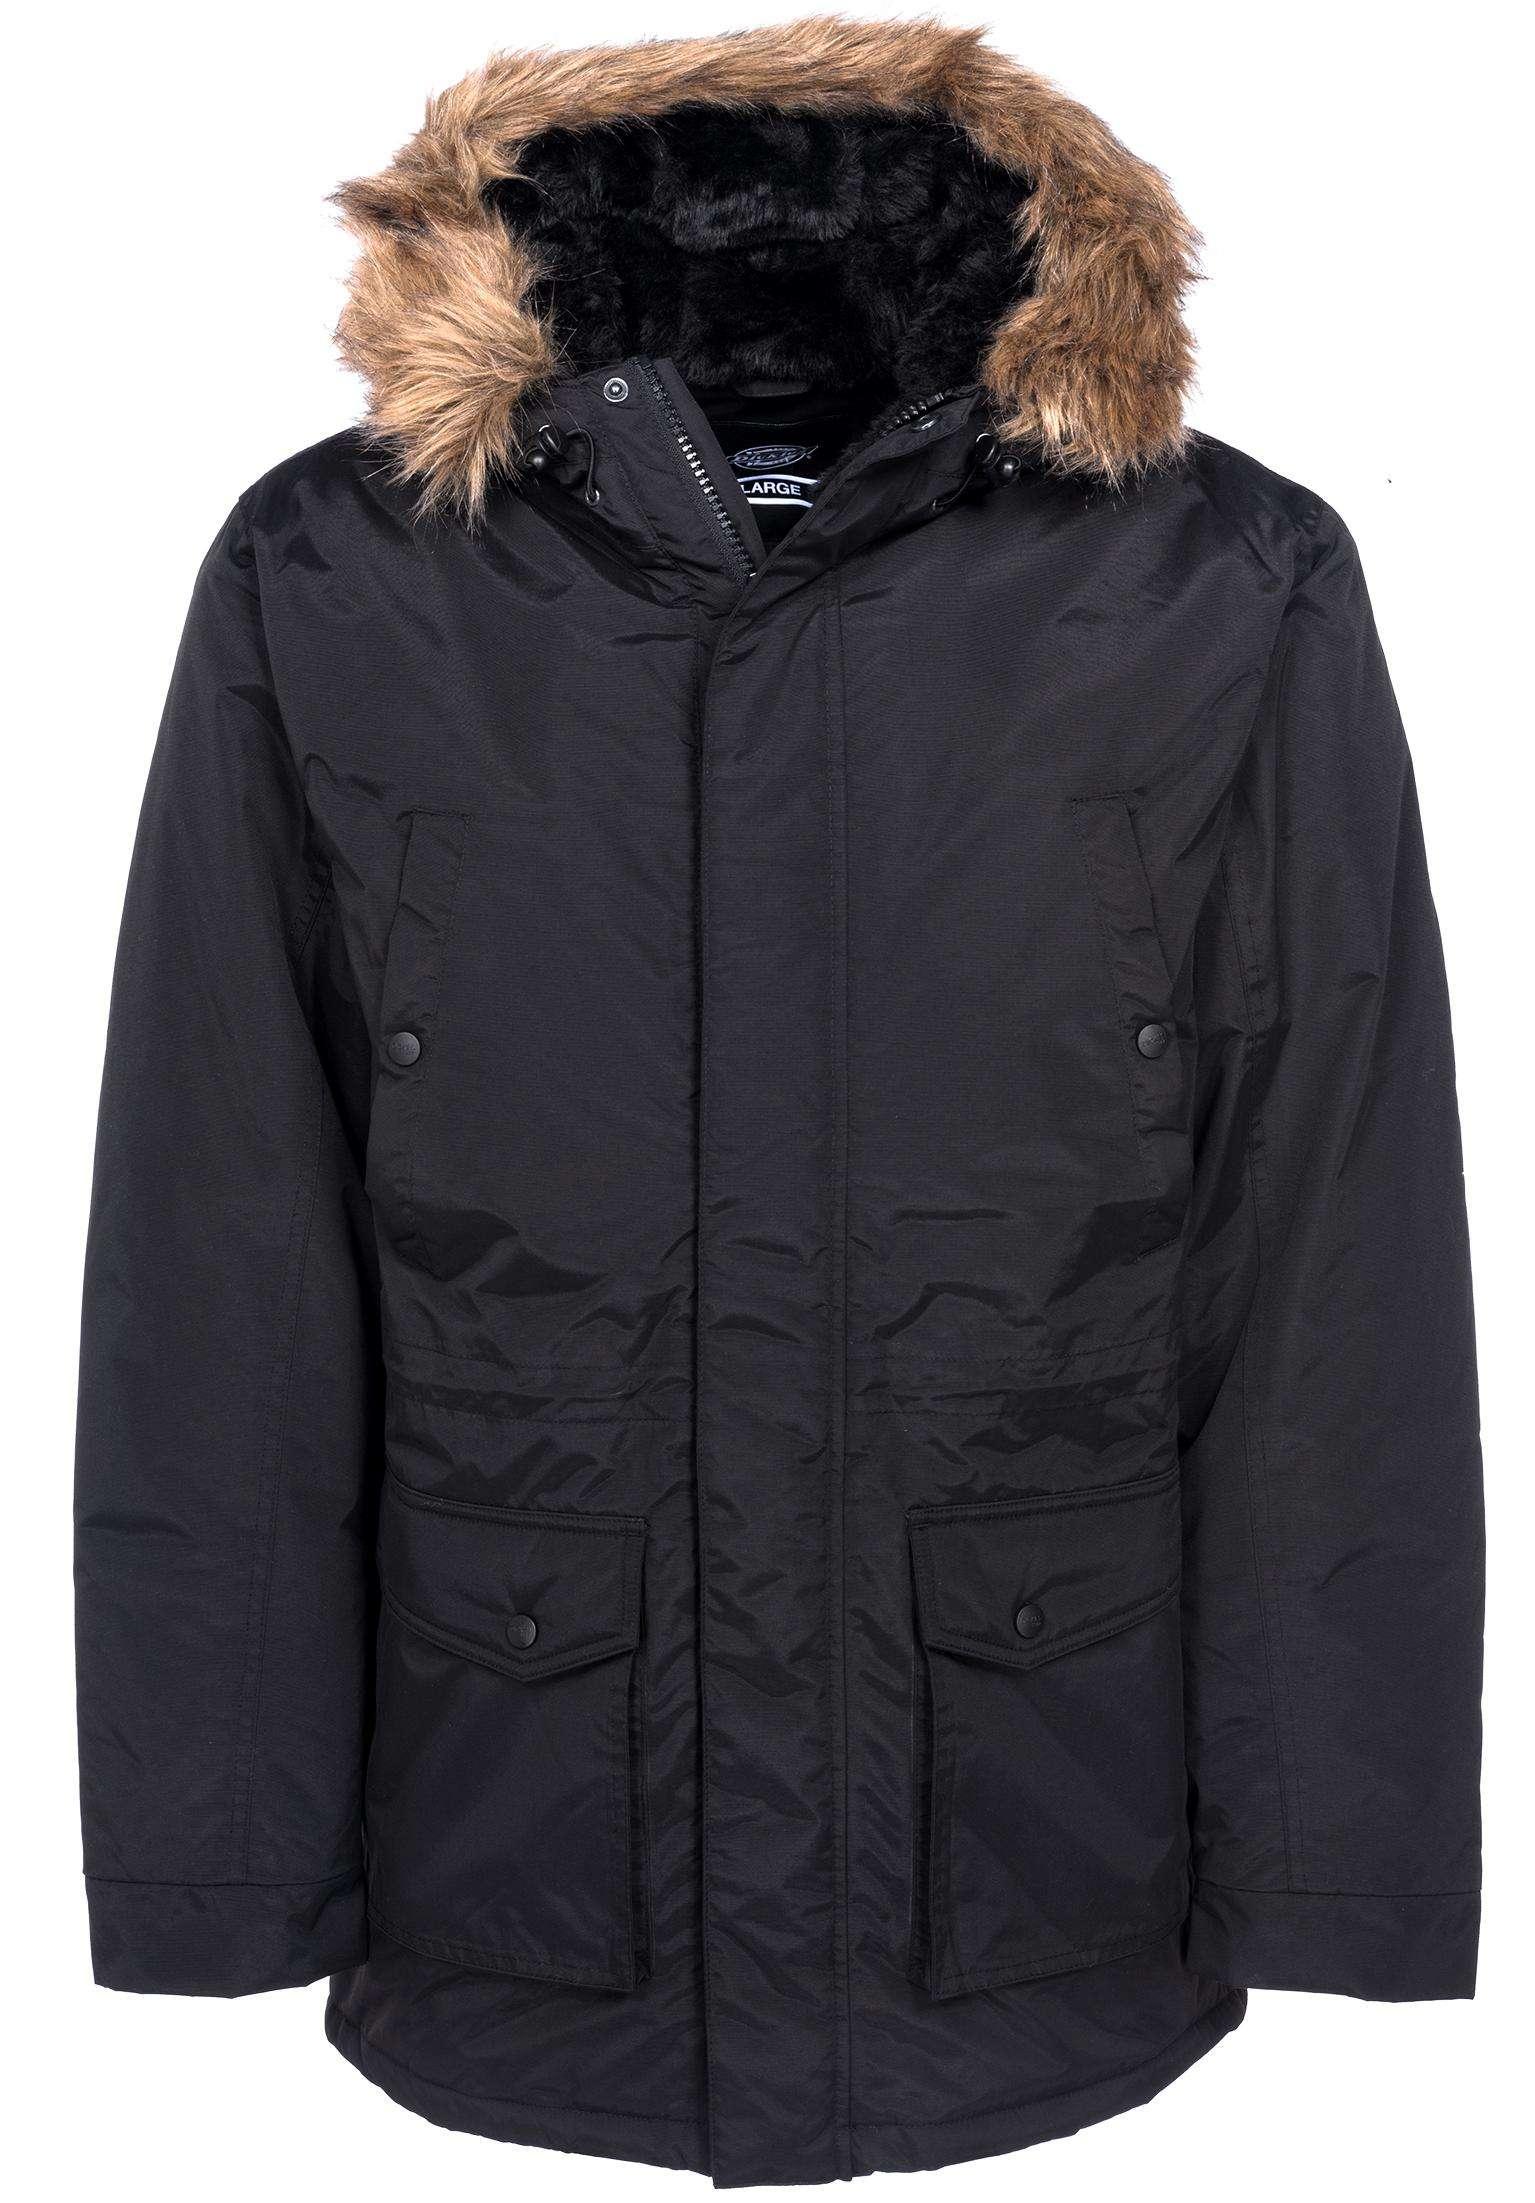 812c3837feee3 Curtis Dickies Chaquetas de invierno in black für Hombre